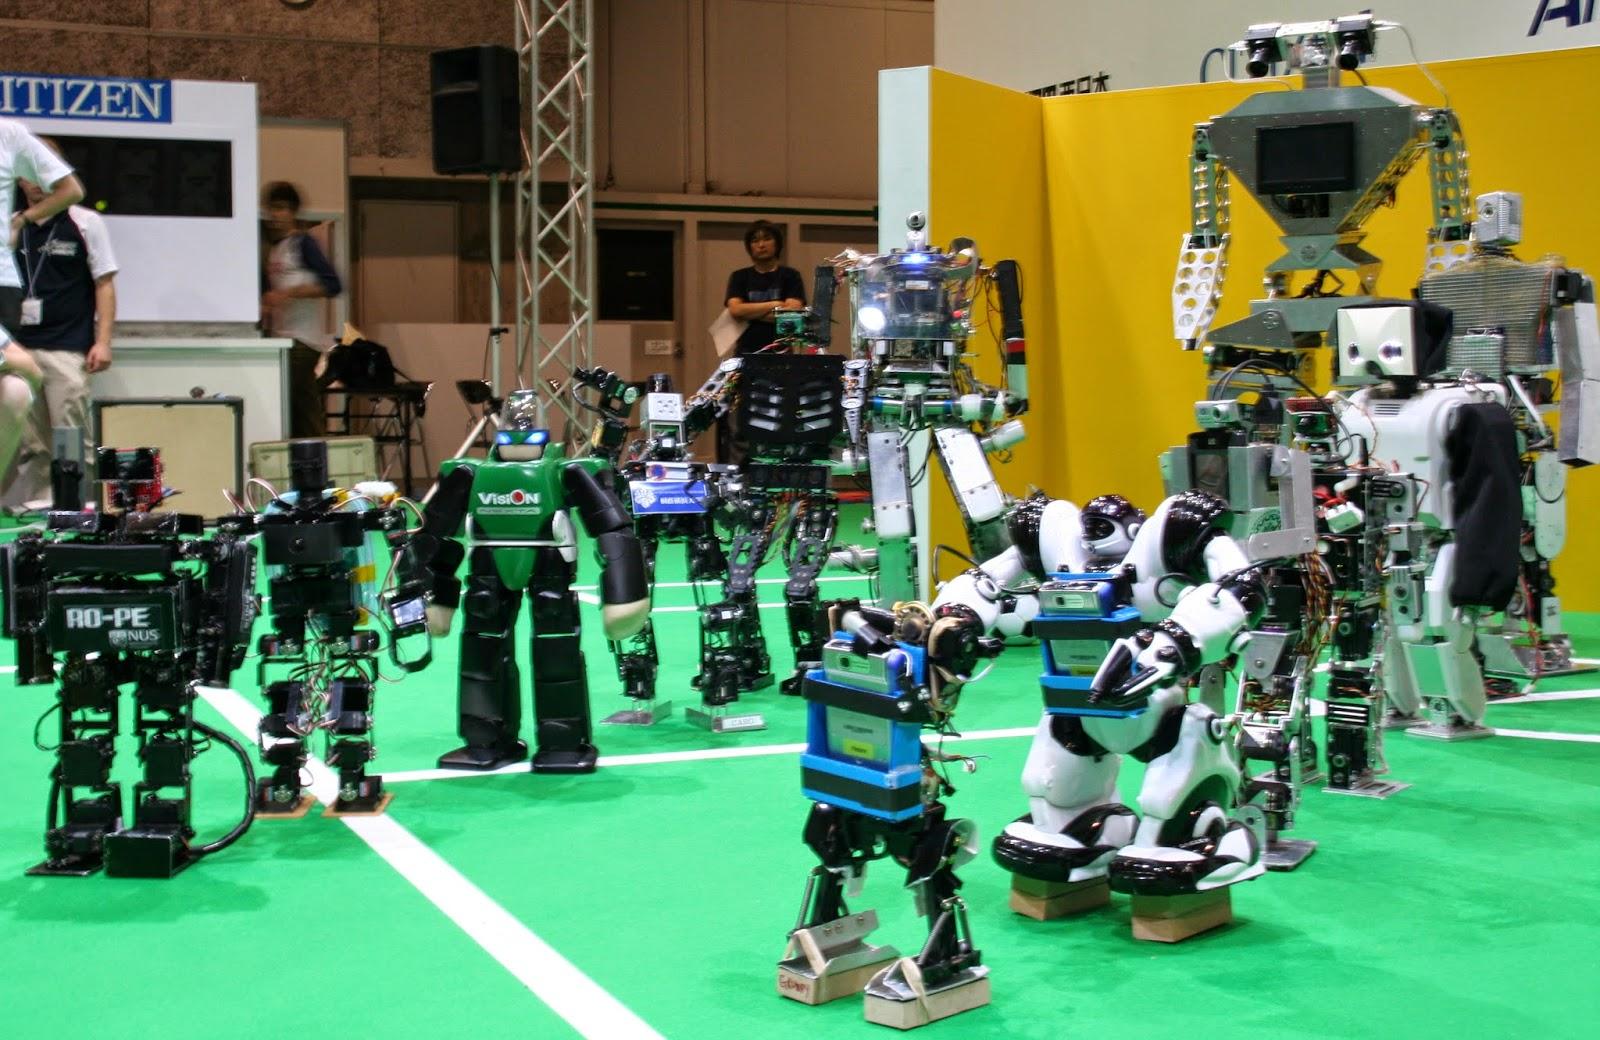 Di Masa Depan Iran Terjunkan Prajurit Robot Untuk Berperang